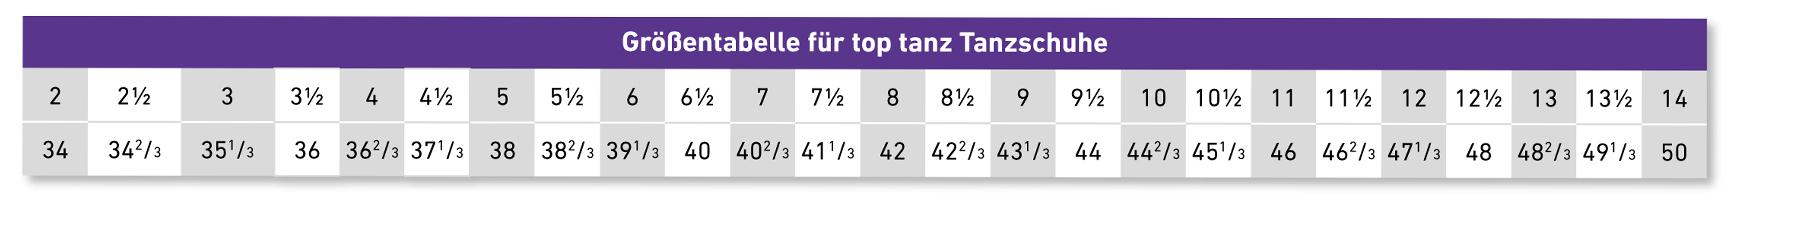 Gr-ssenleisteTop_Tanz_2019_web_einzel-47P3chxHhvKH6ss